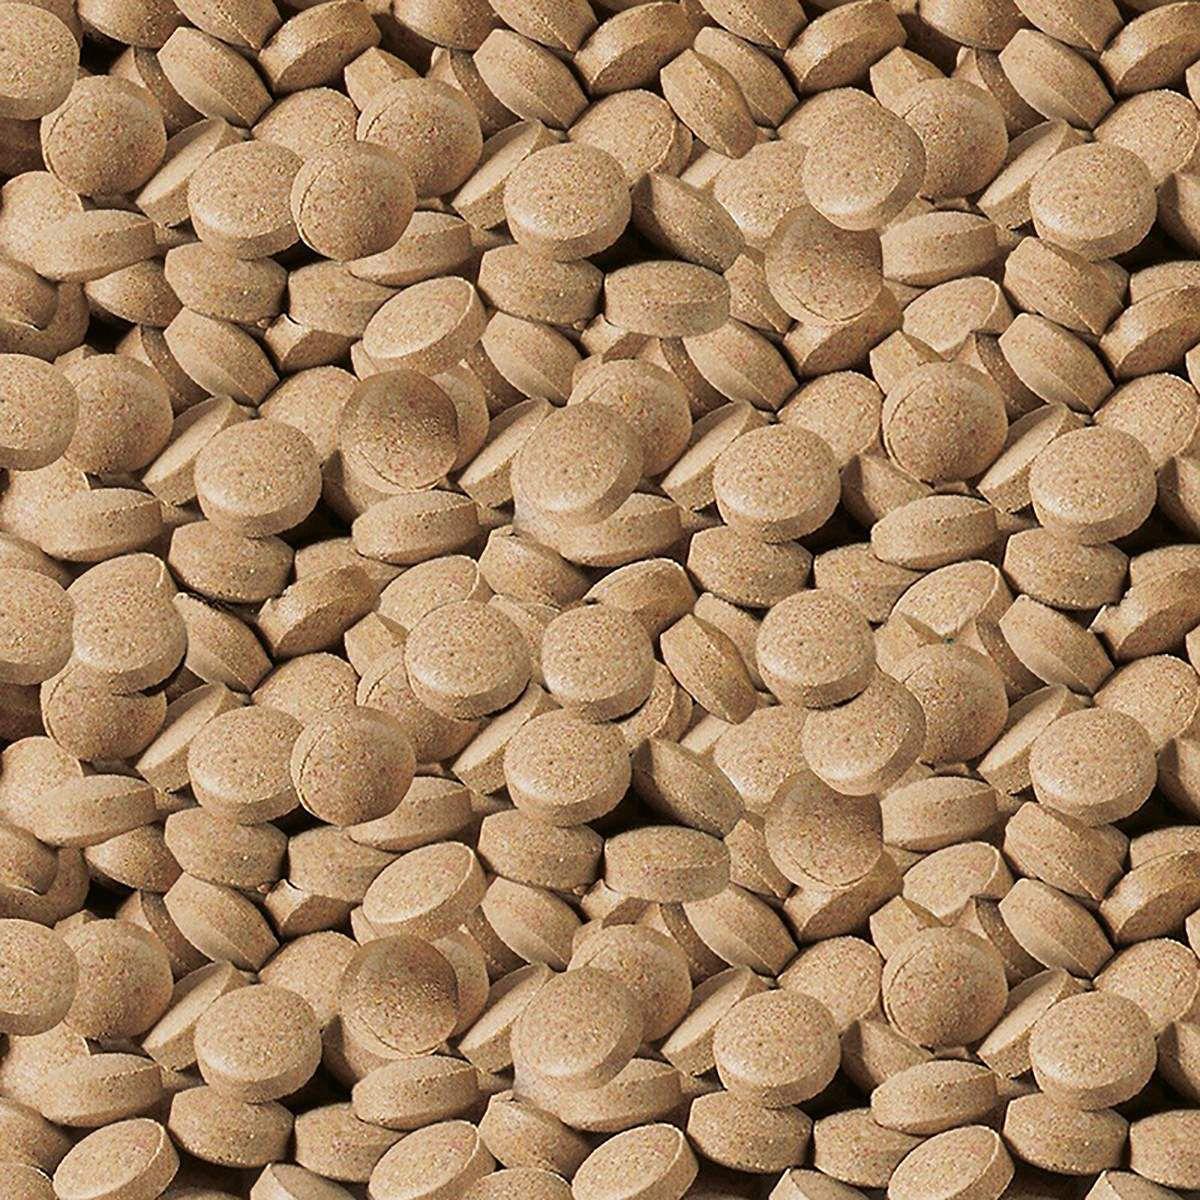 Sera Ração Viformo Alimento em Pastilhas 33g